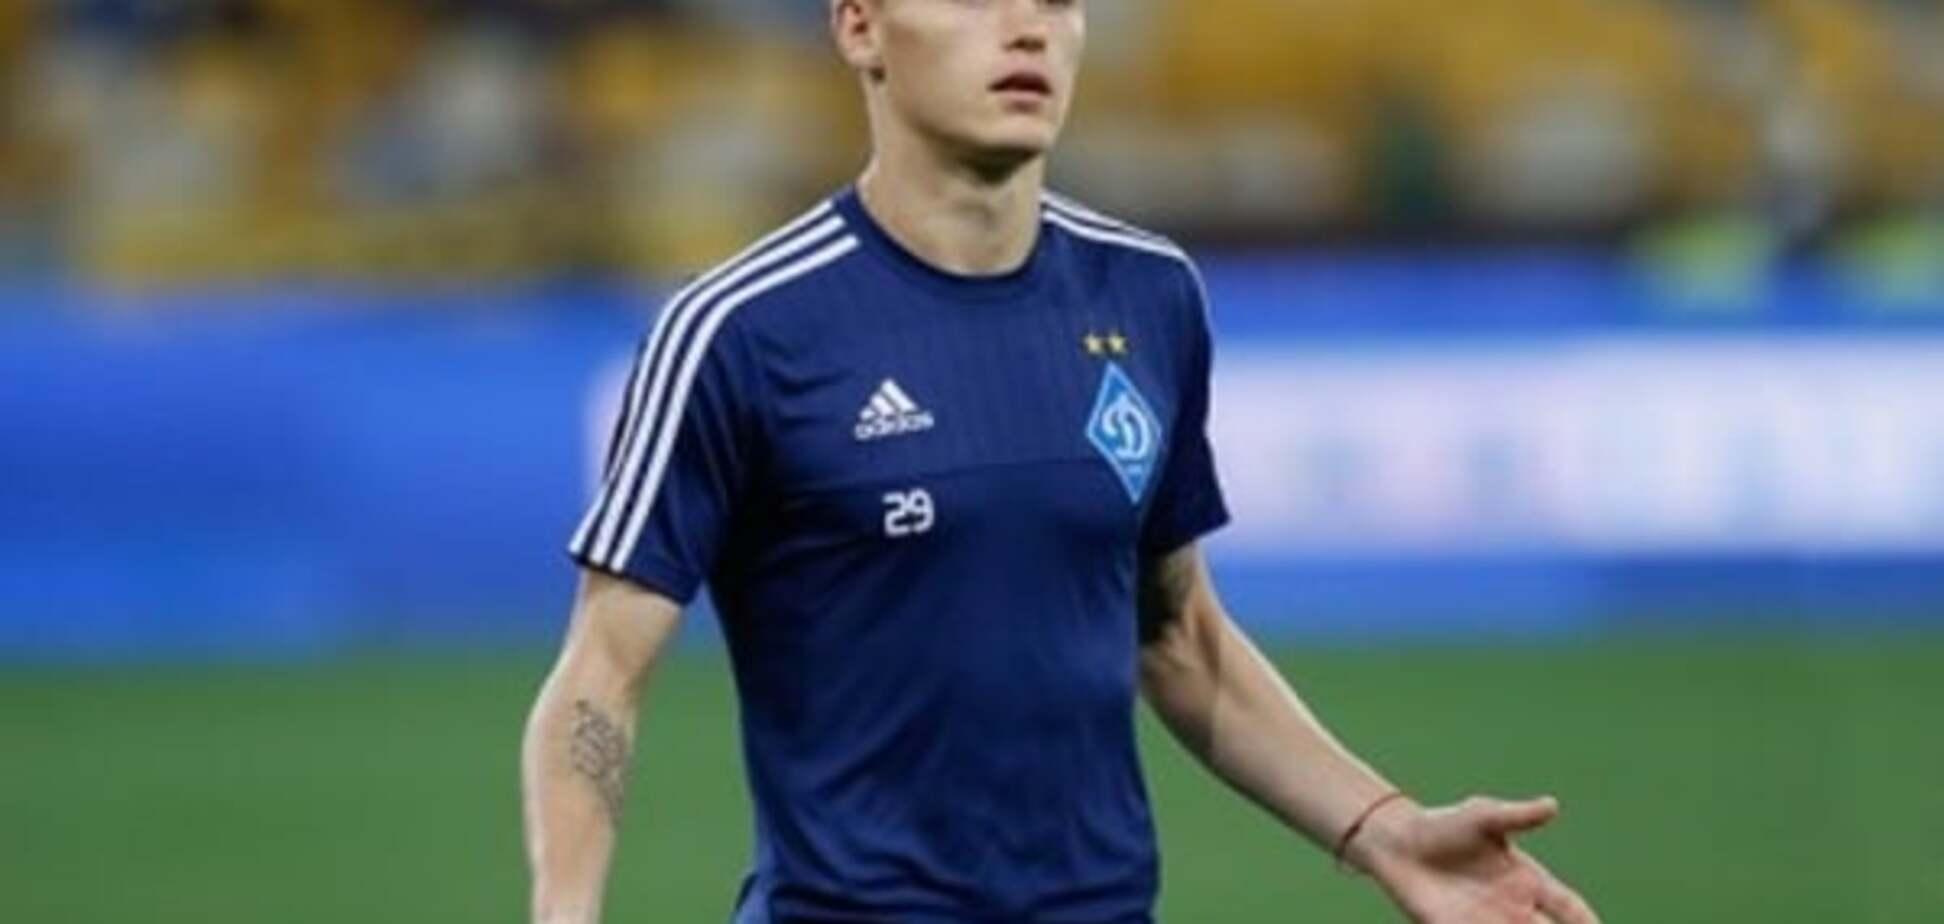 'Сталося непорозуміння'. Футболіст 'Динамо' пояснив казус після матчу Ліги чемпіонів із 'Манчестер Сіті'